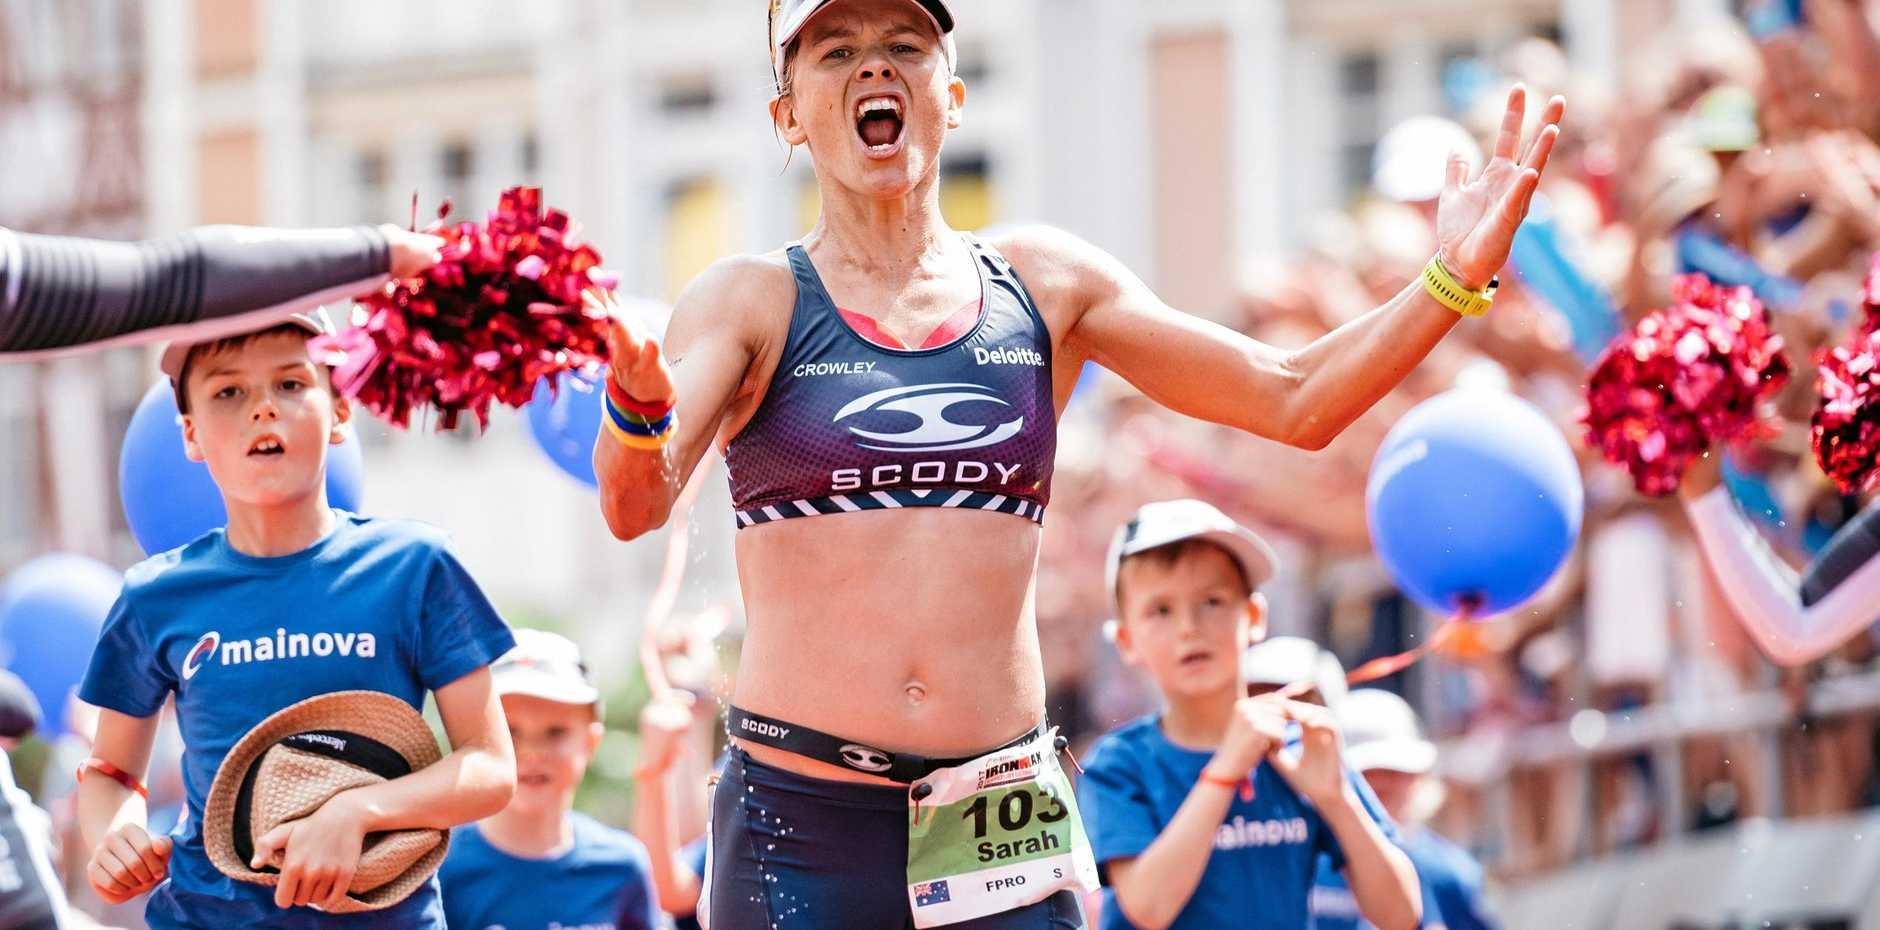 Australian triathlete Sarah Crowley racing in Germany in July.